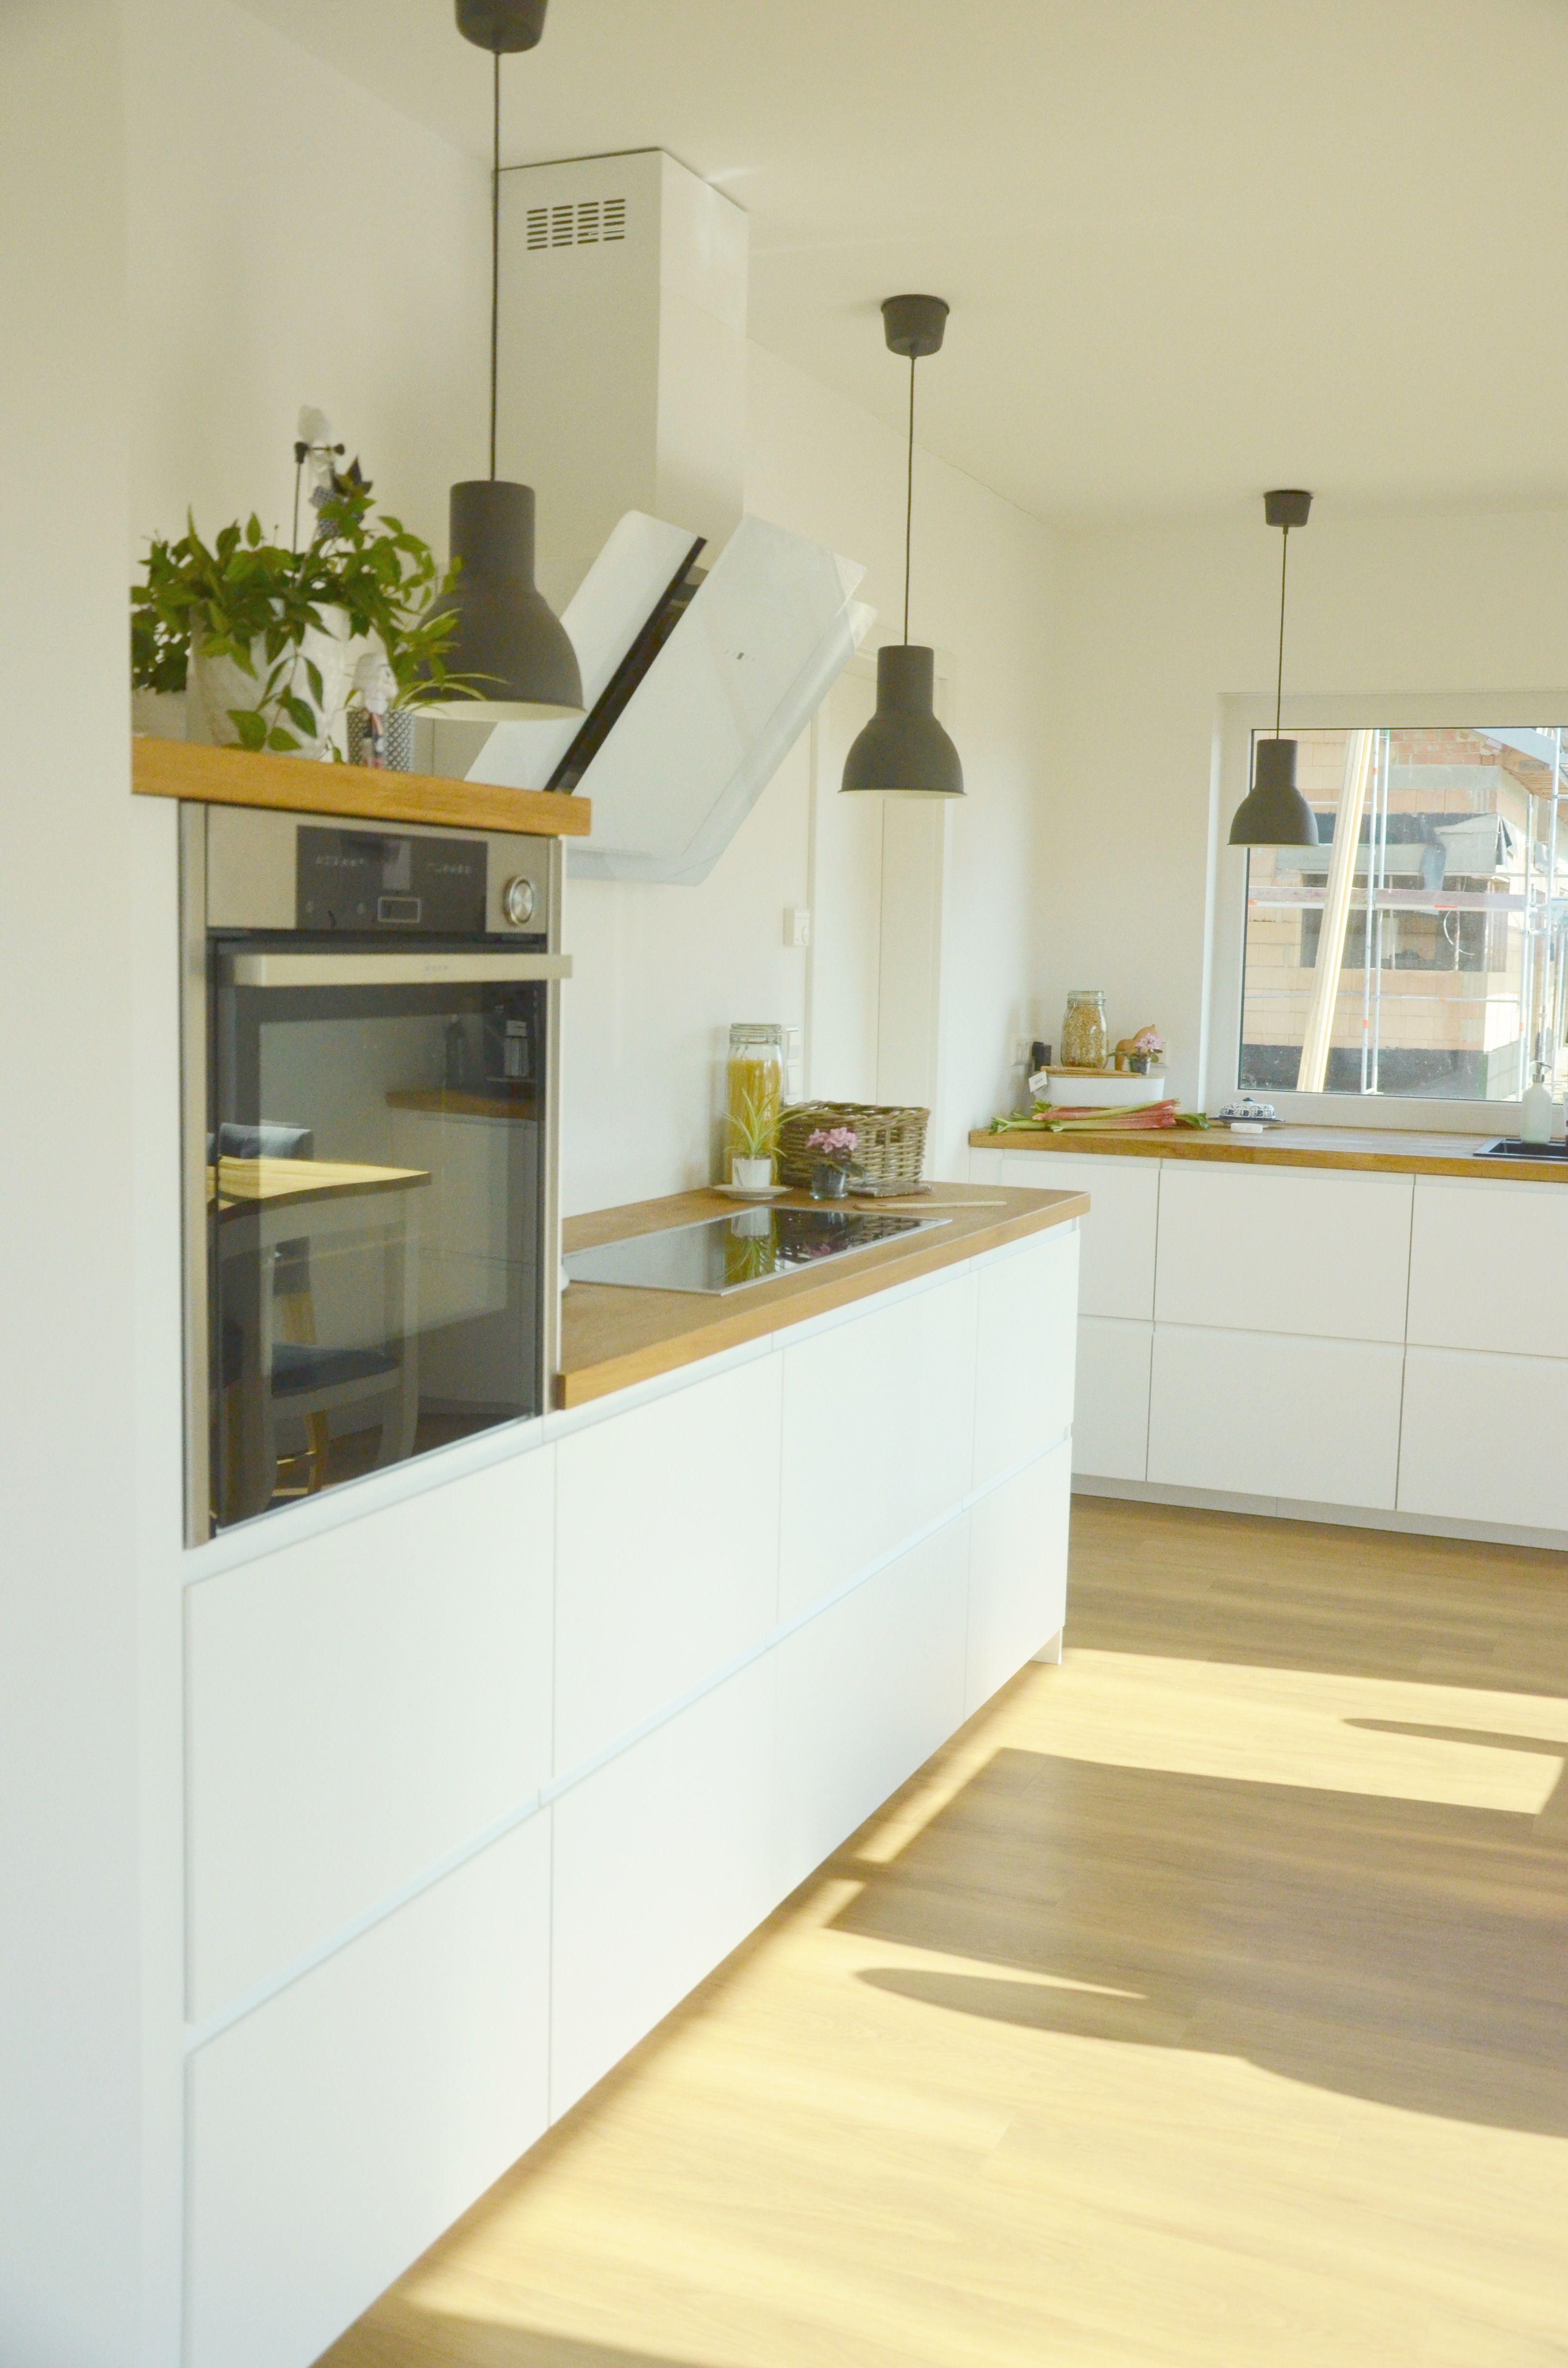 Einfache schicke Küche | Interieur | Pinterest | Kitchens, Interiors ...